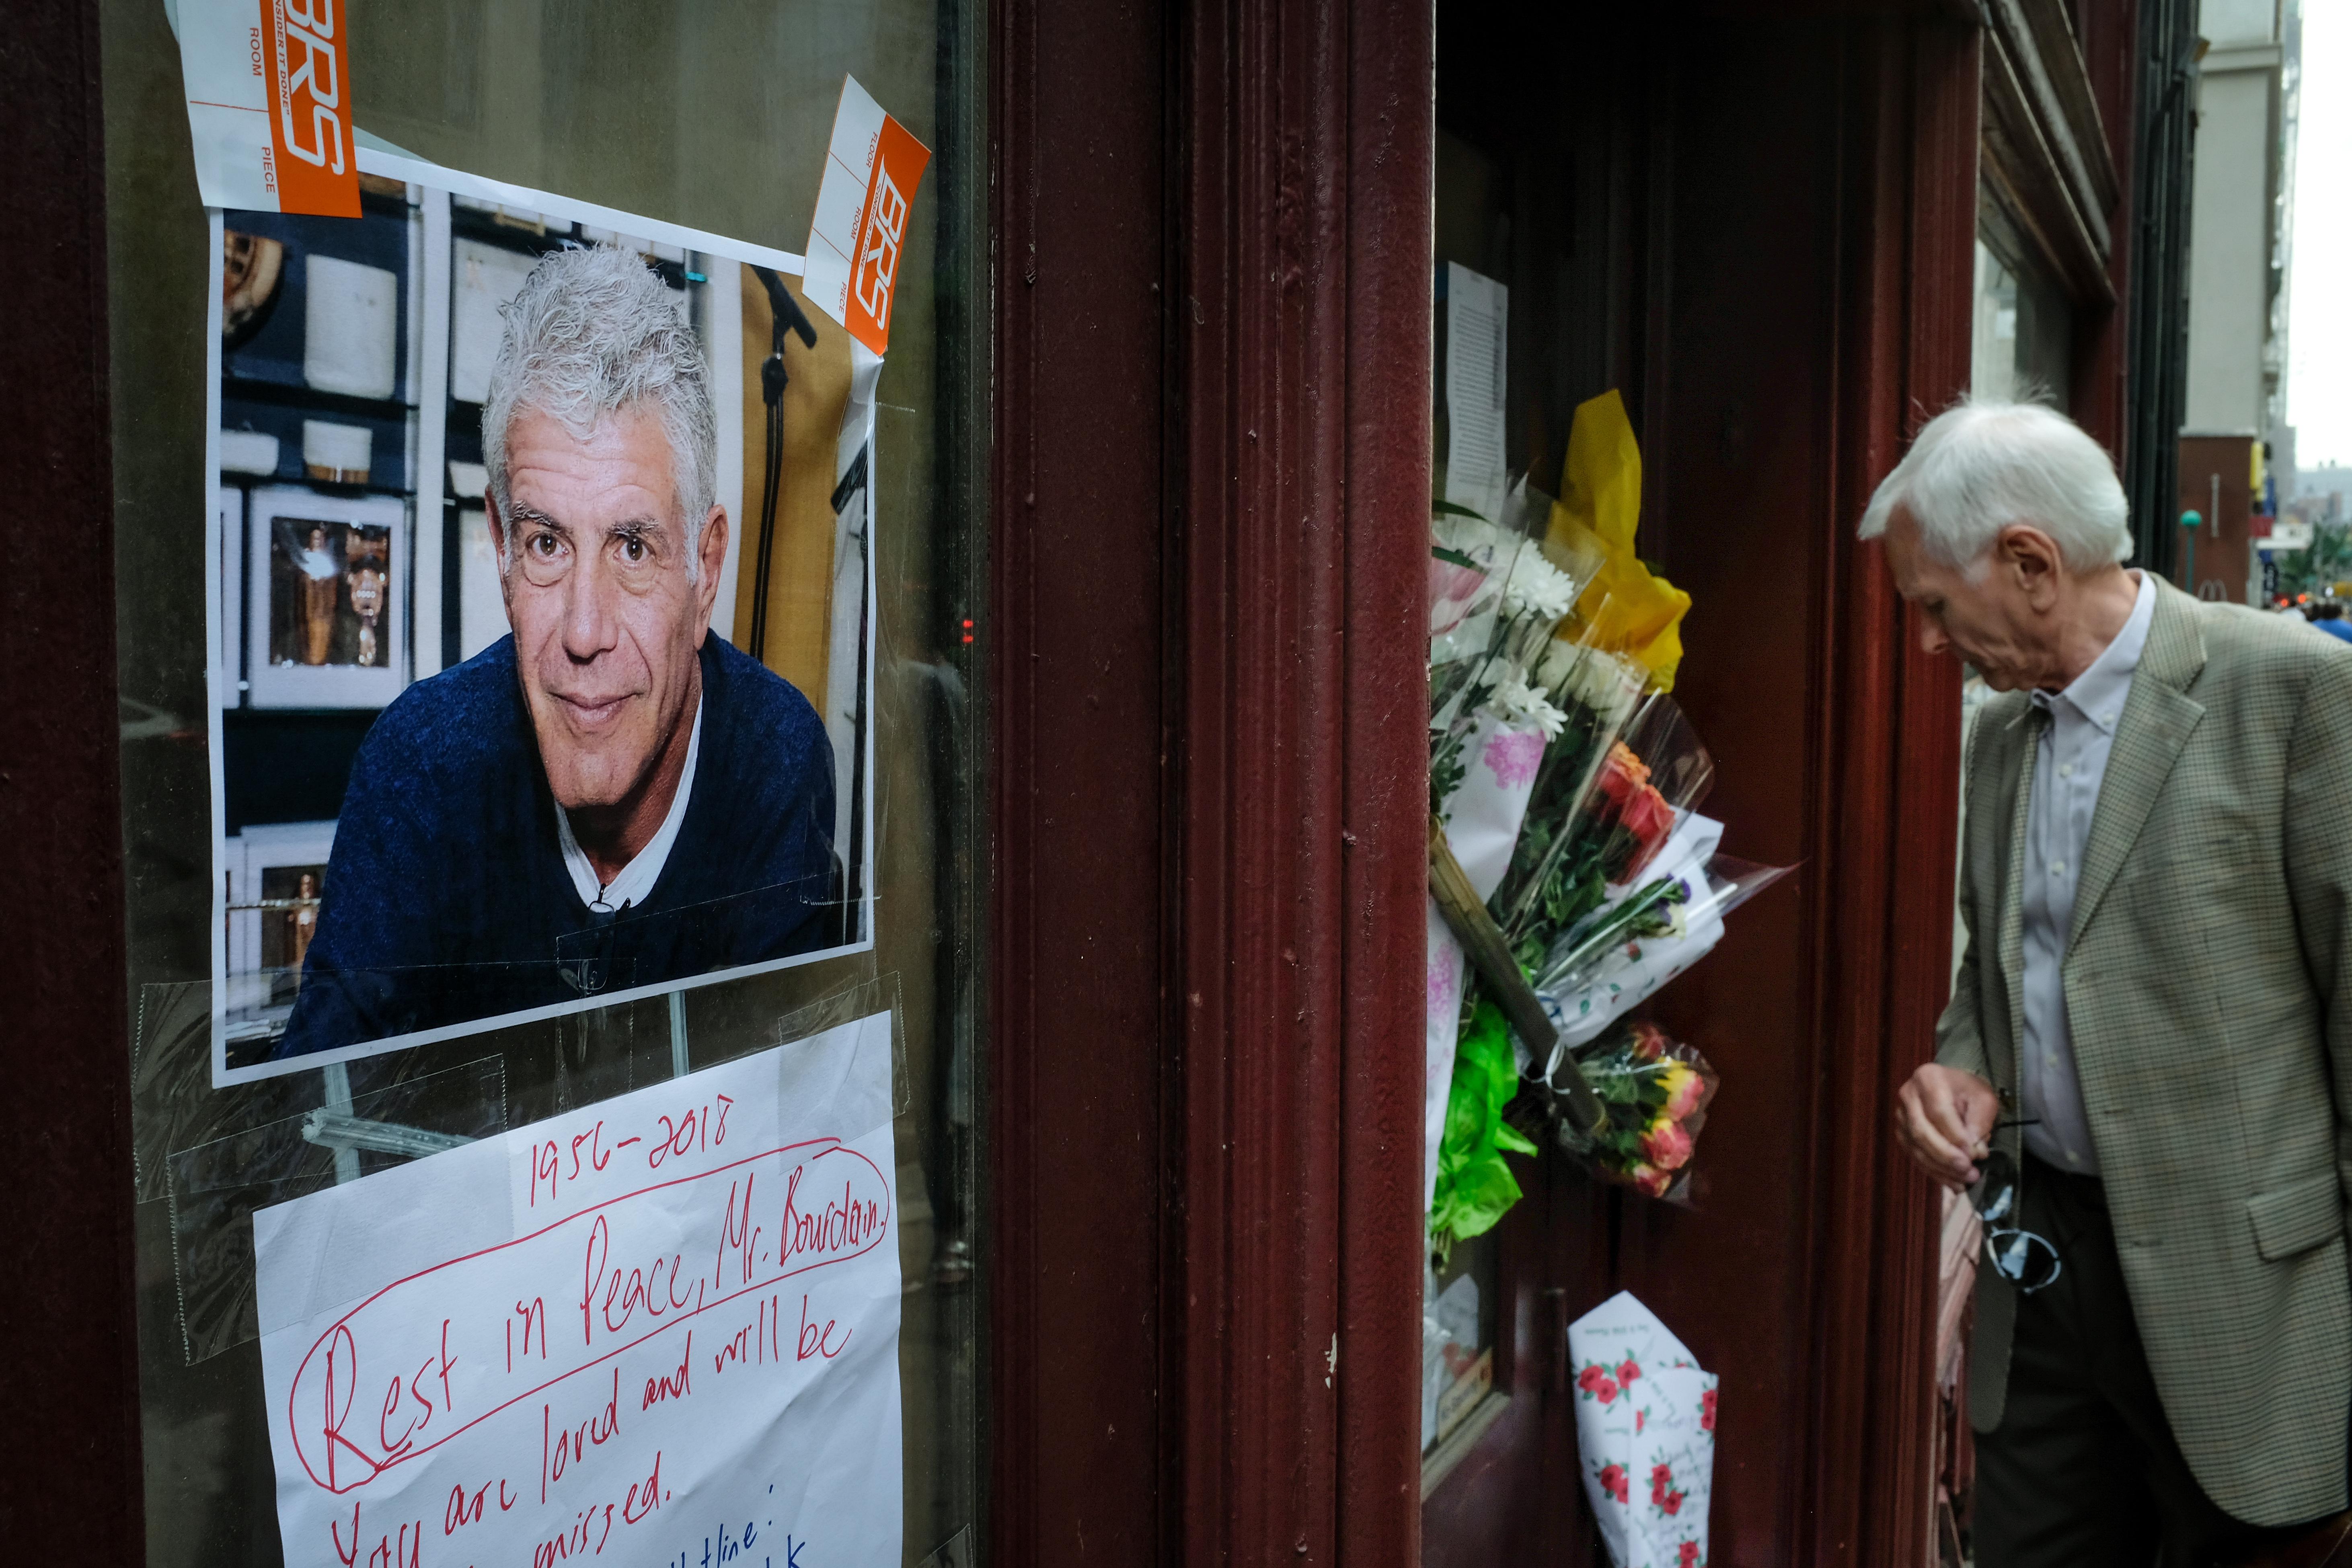 Flowers outside Anthony Bourdain's former restaurant